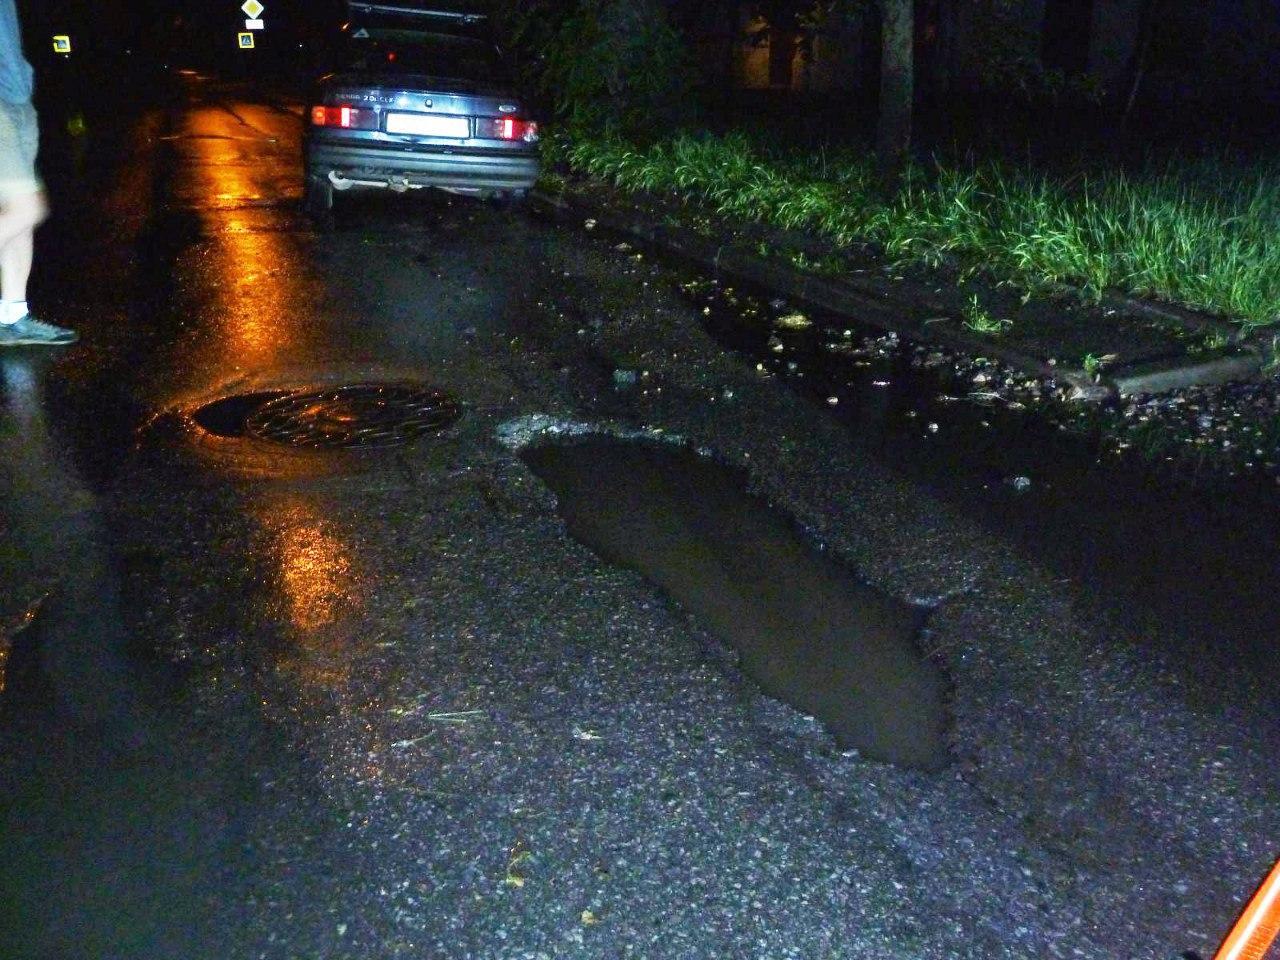 Вчера в Таганроге автомобили Ford Sierra и Mercedes-Benz угодили в глубокие ямы